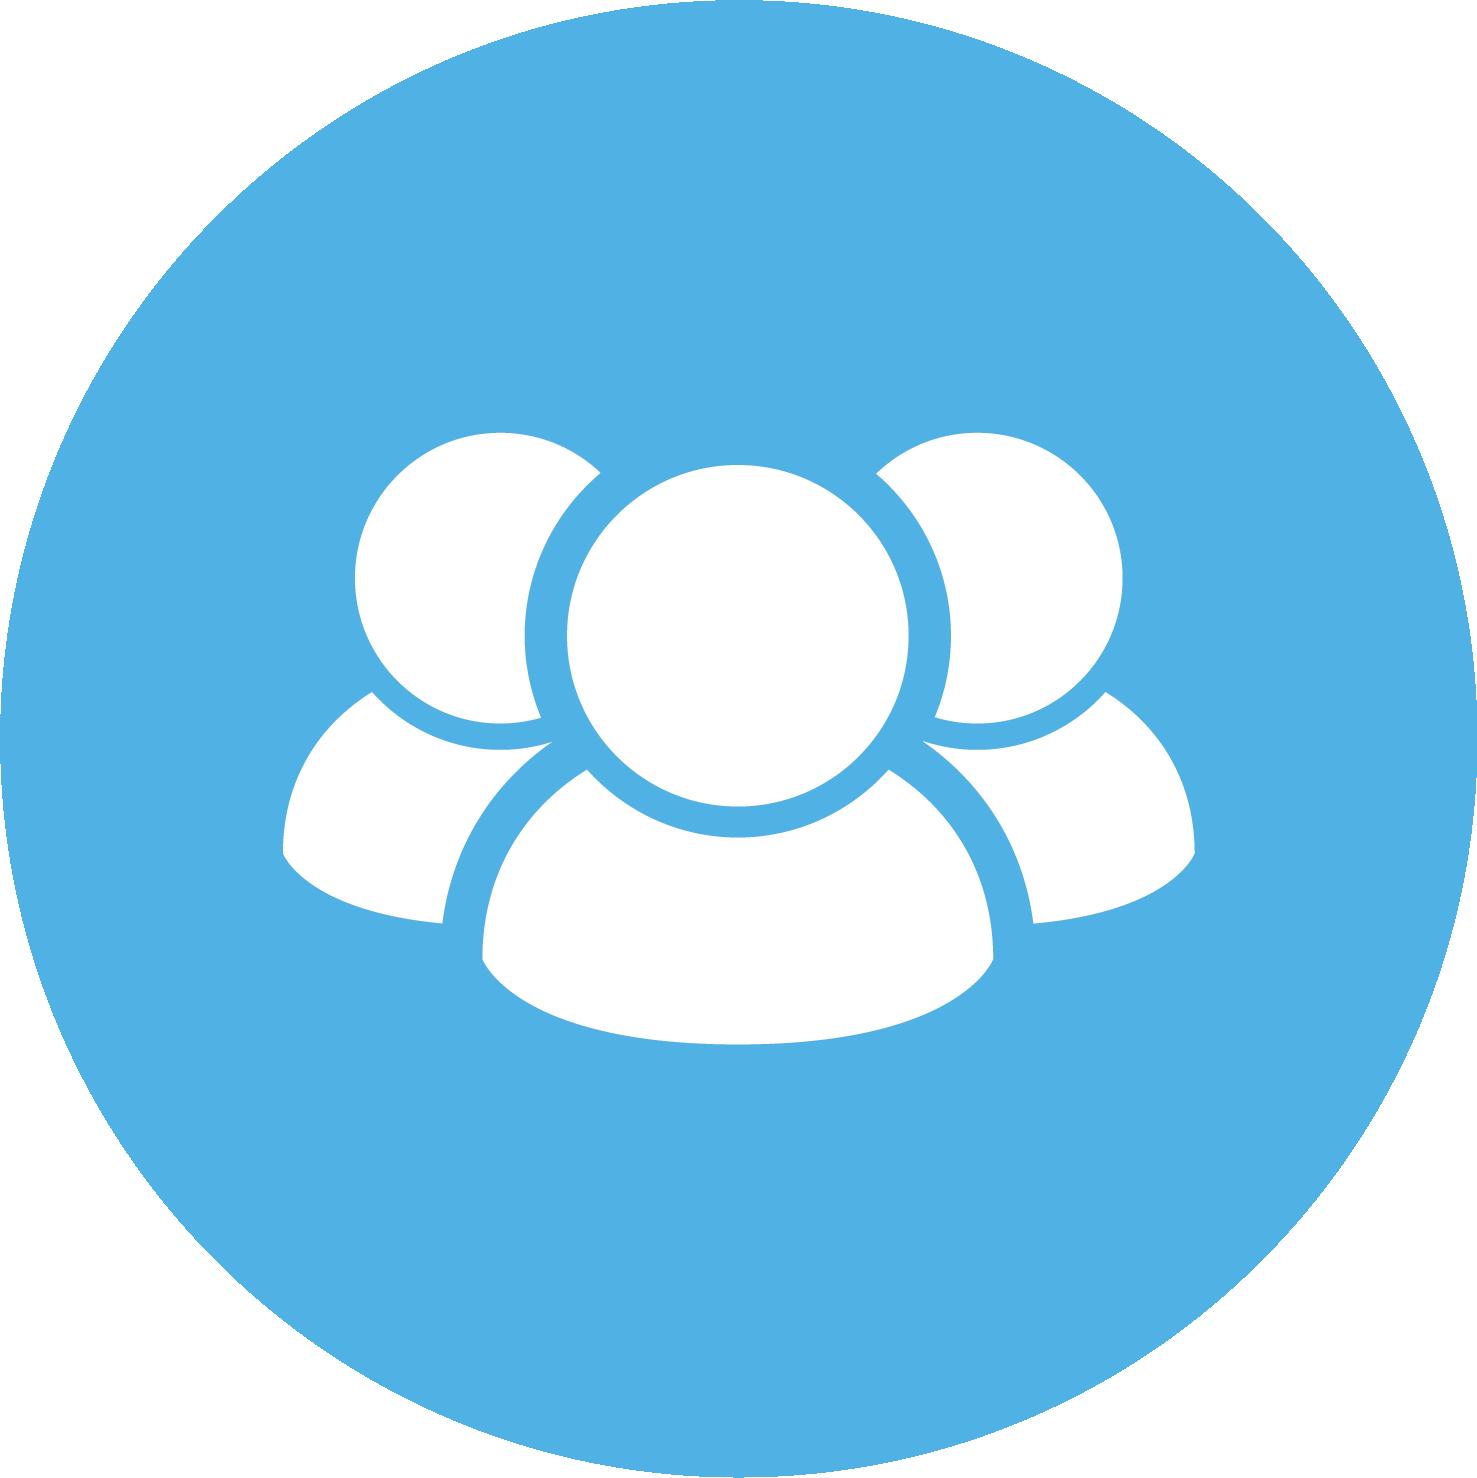 Meeting Symbol.png